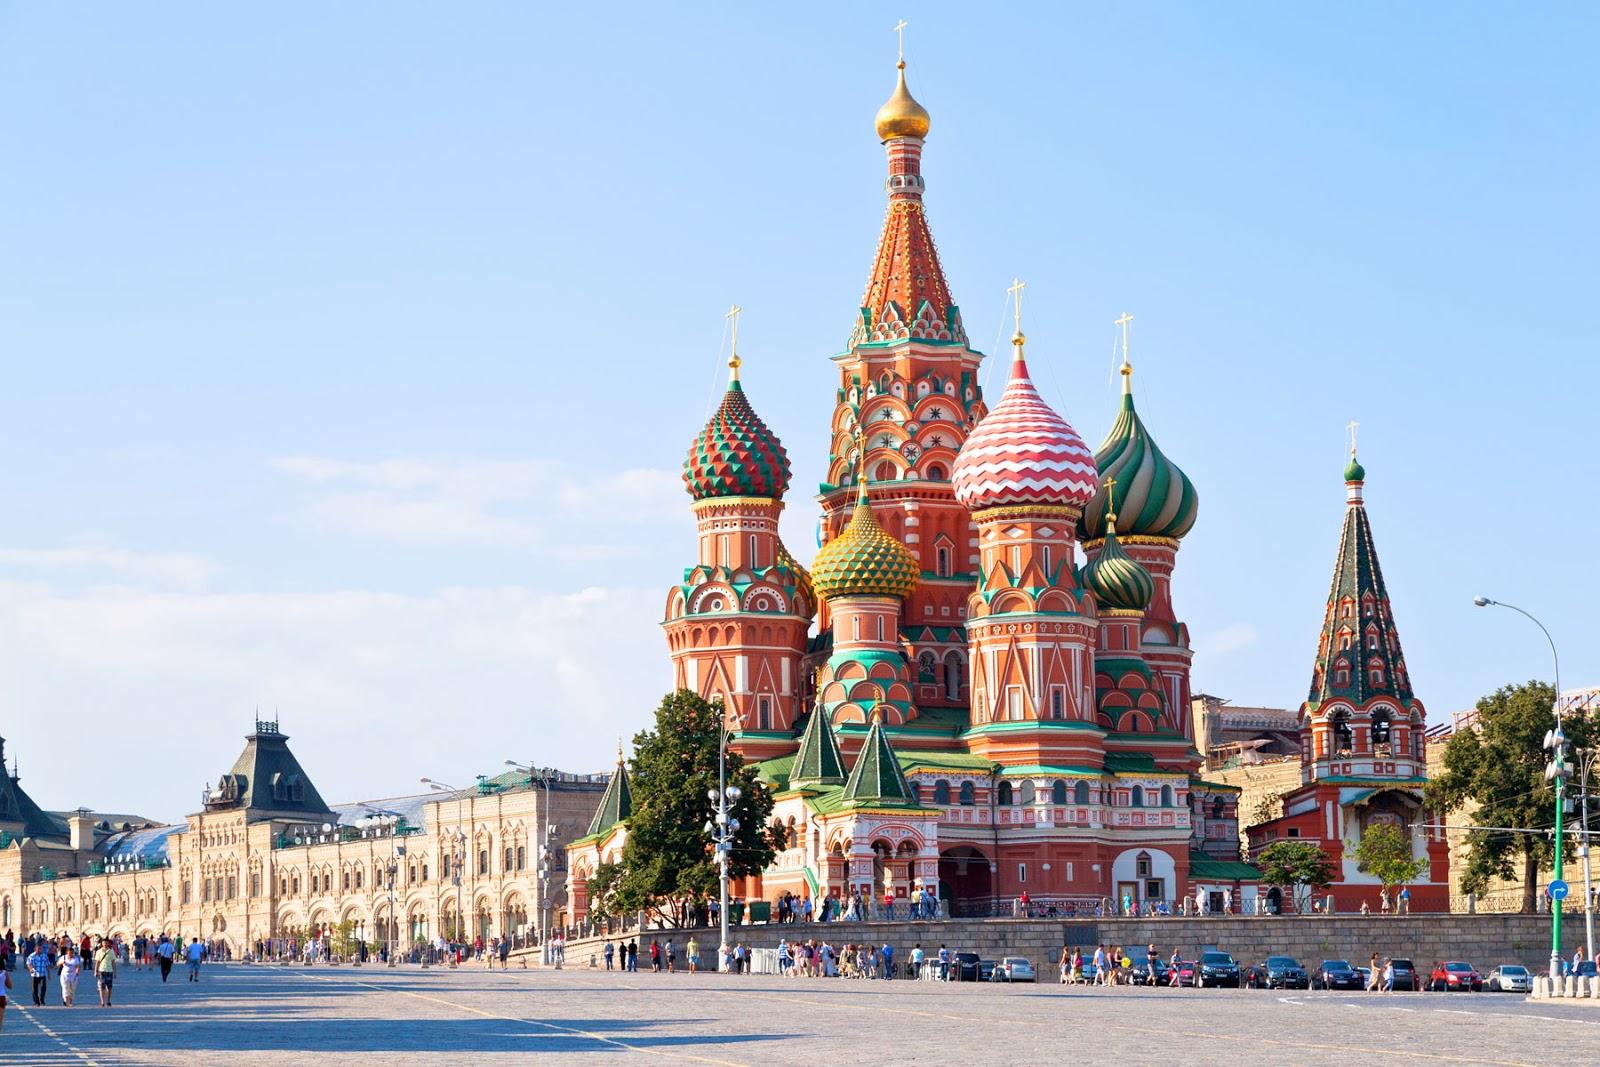 Kulttuuri viisumi venäjä